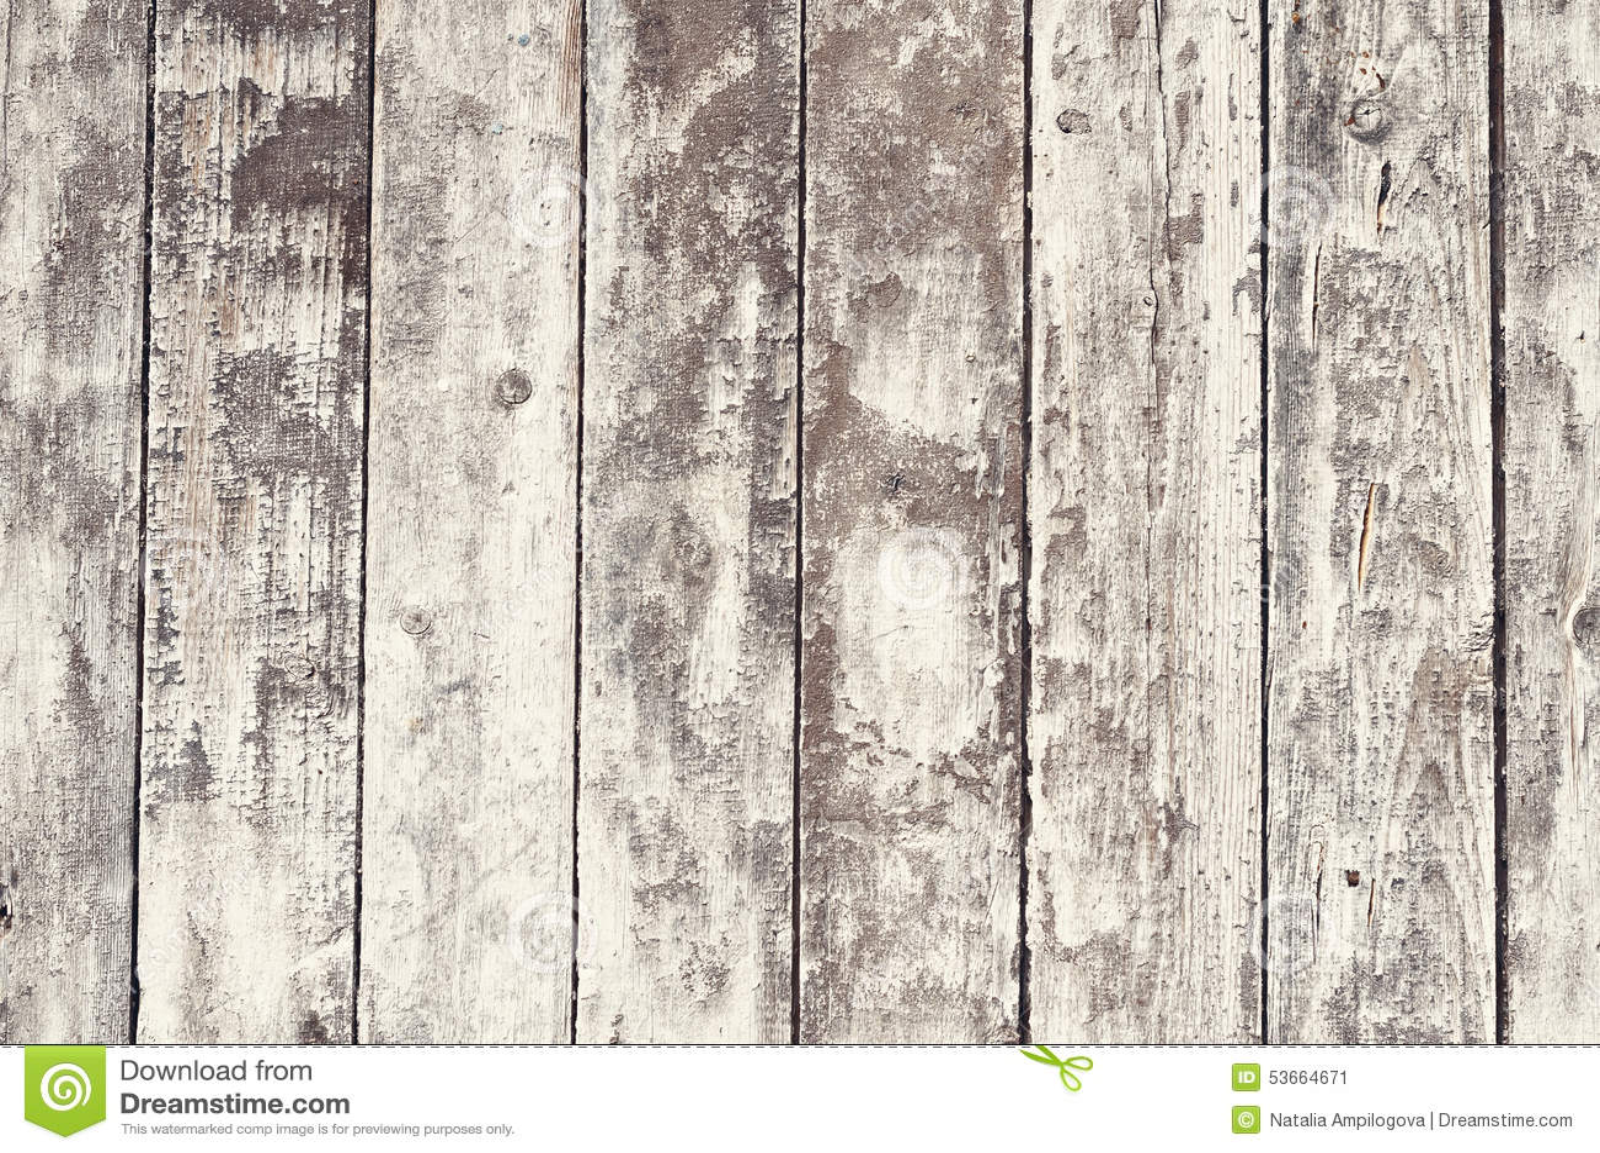 Vieilles barri res en bois vieilles planches de barri re comme fond photo st - Vieilles planches de bois ...